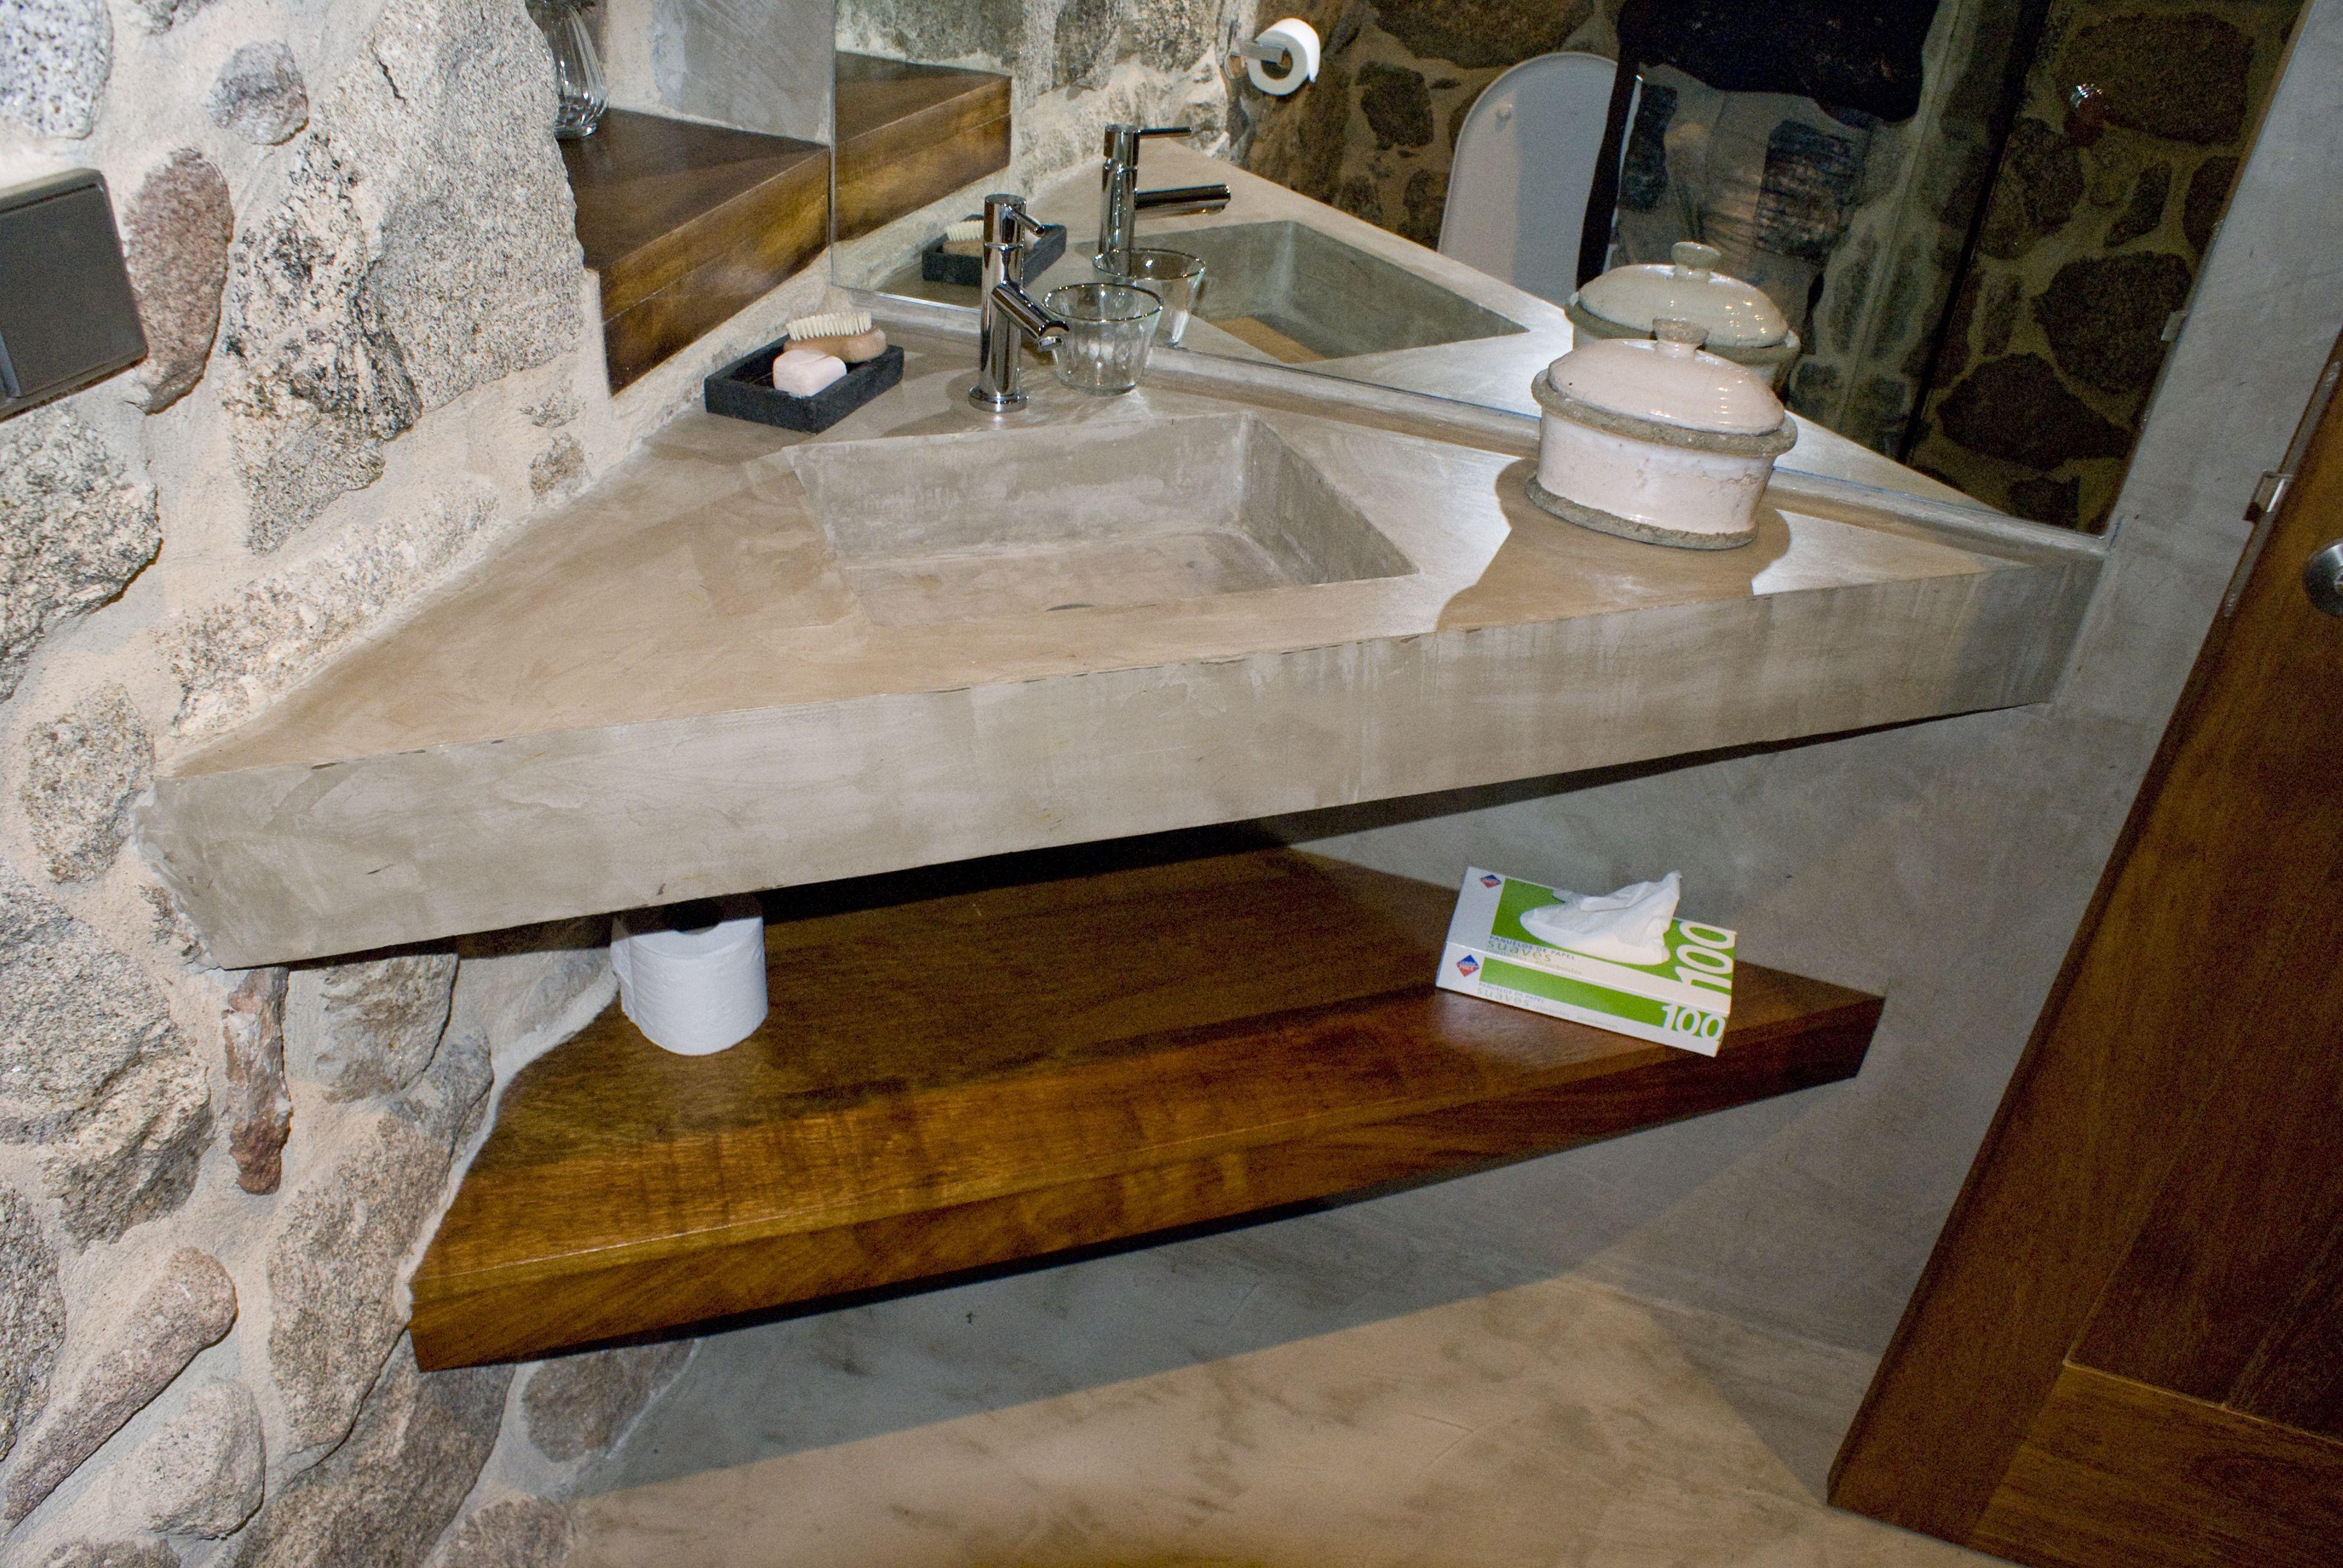 Pavinor lavabo en esquina. #microcemento #baños #reformas www.pavinor.es